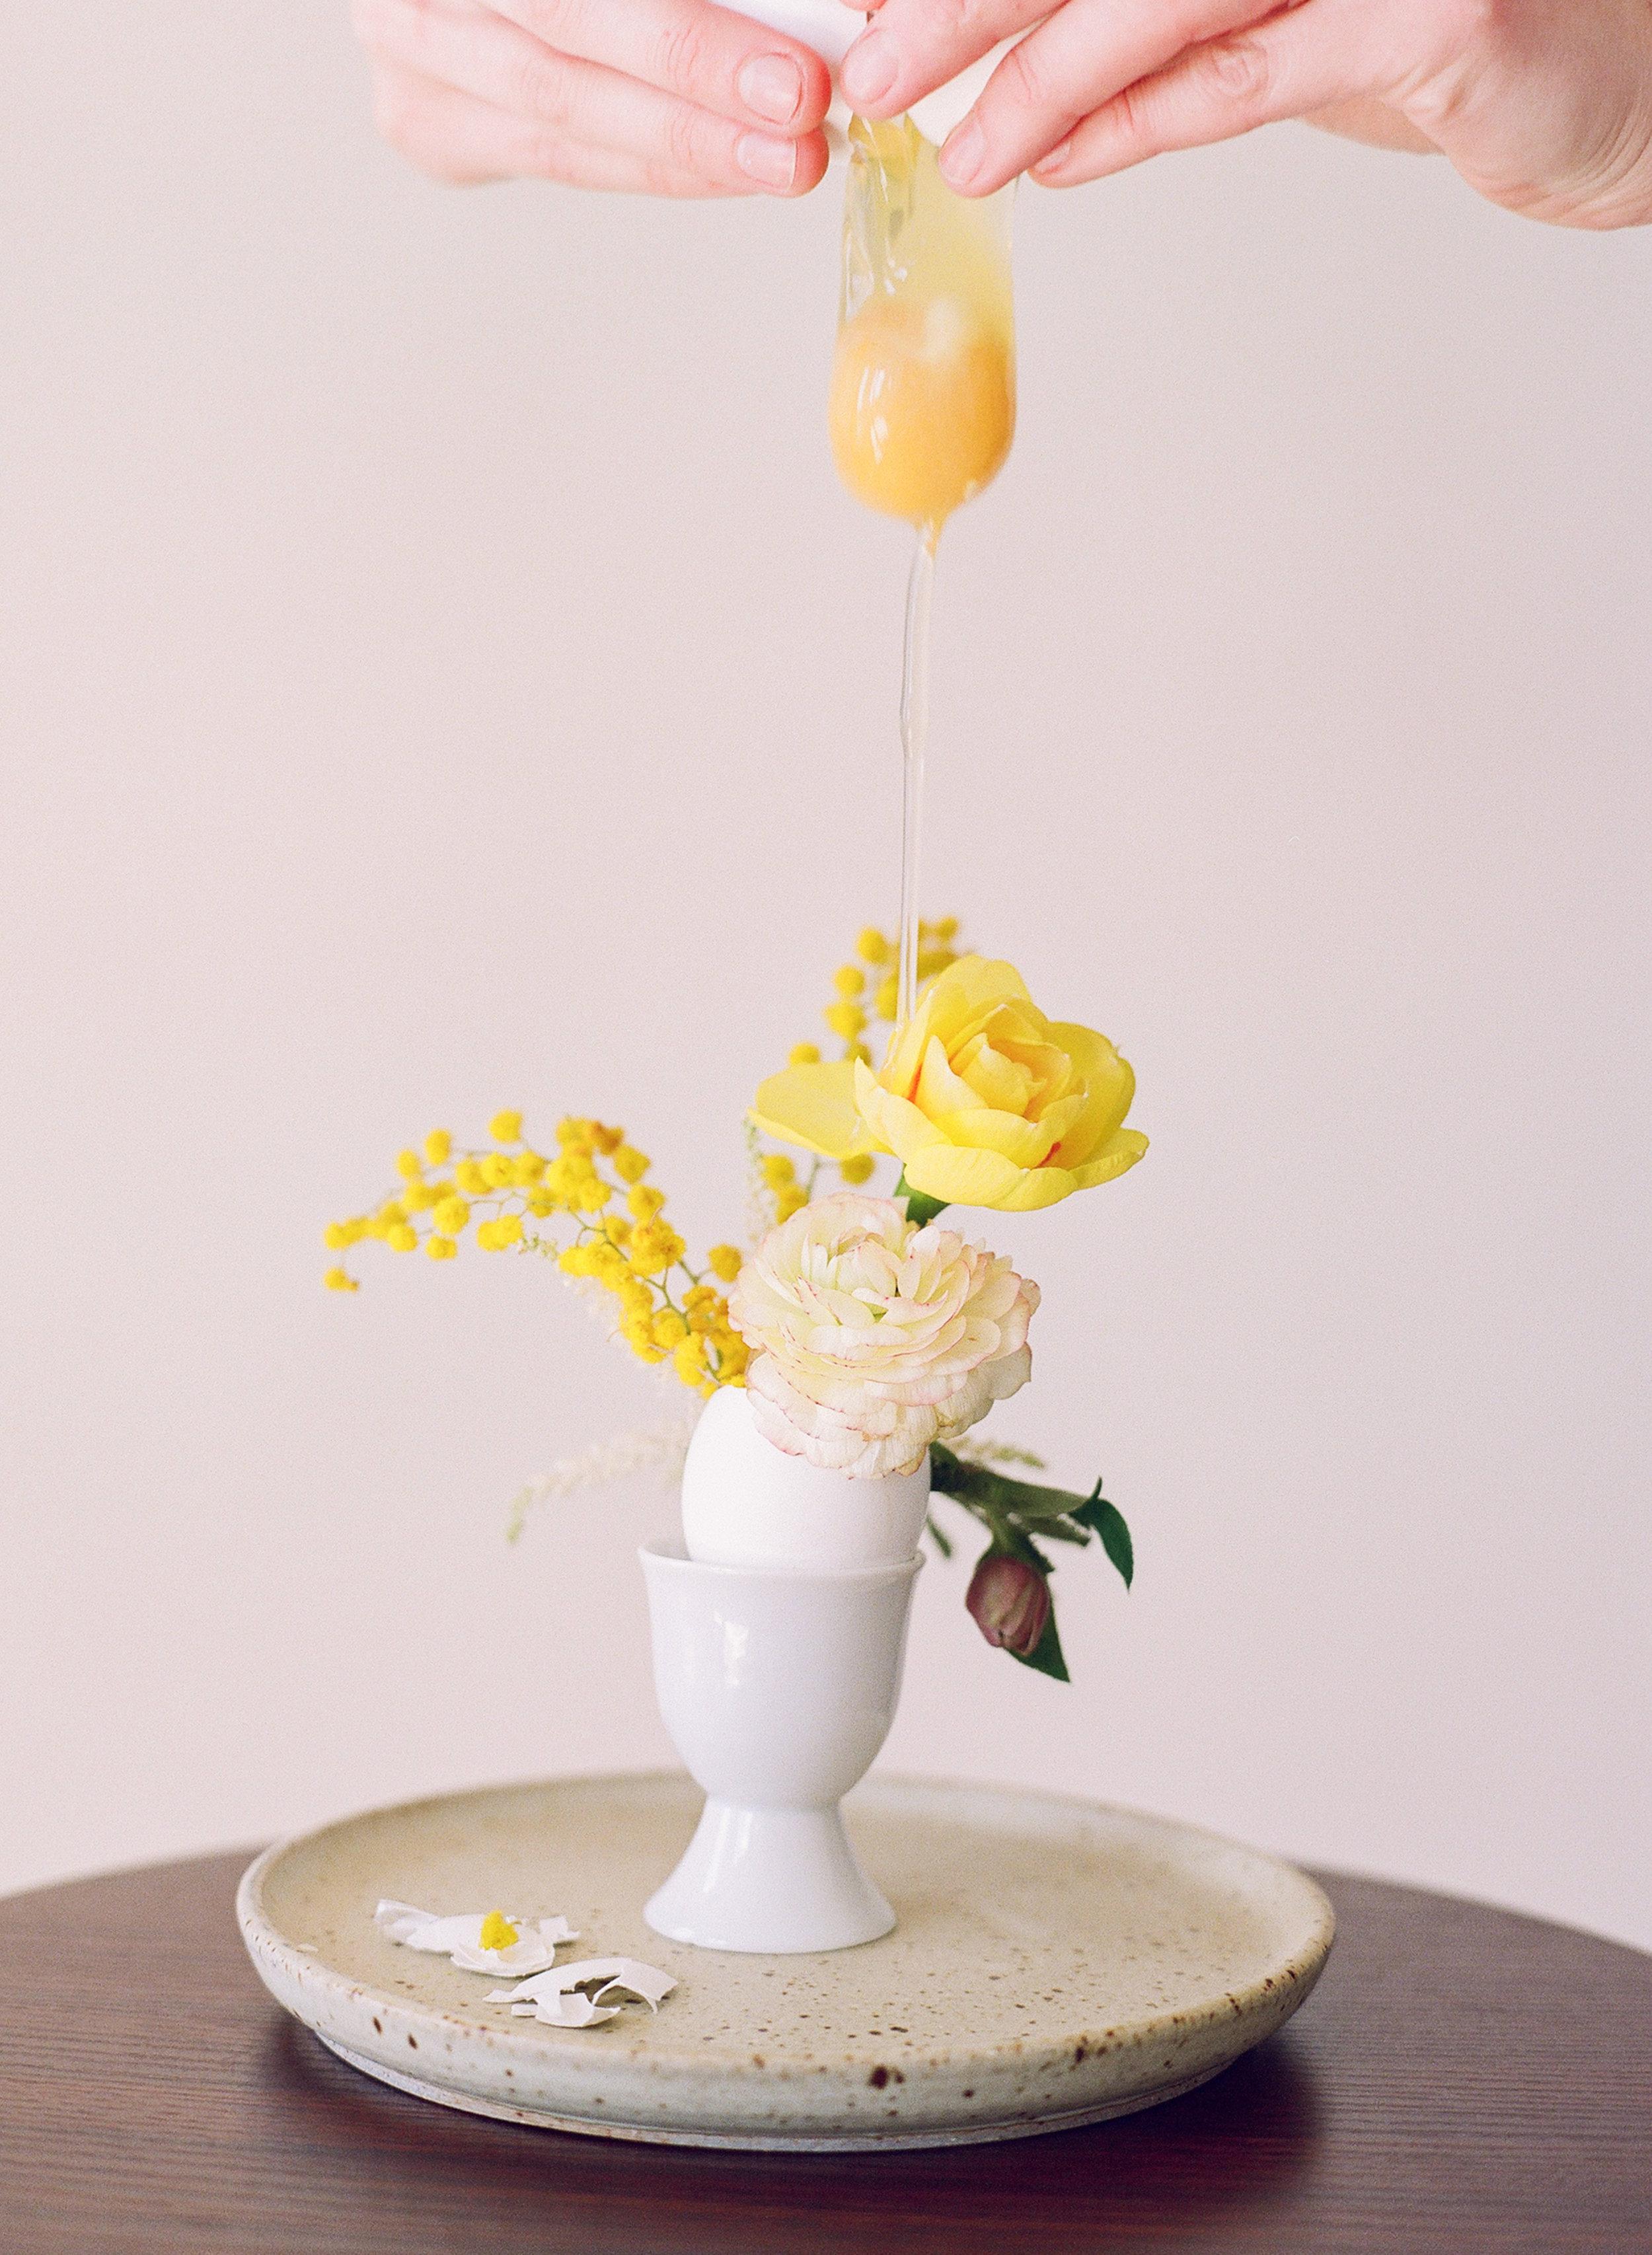 003_FriedEggs&Flowers.jpg